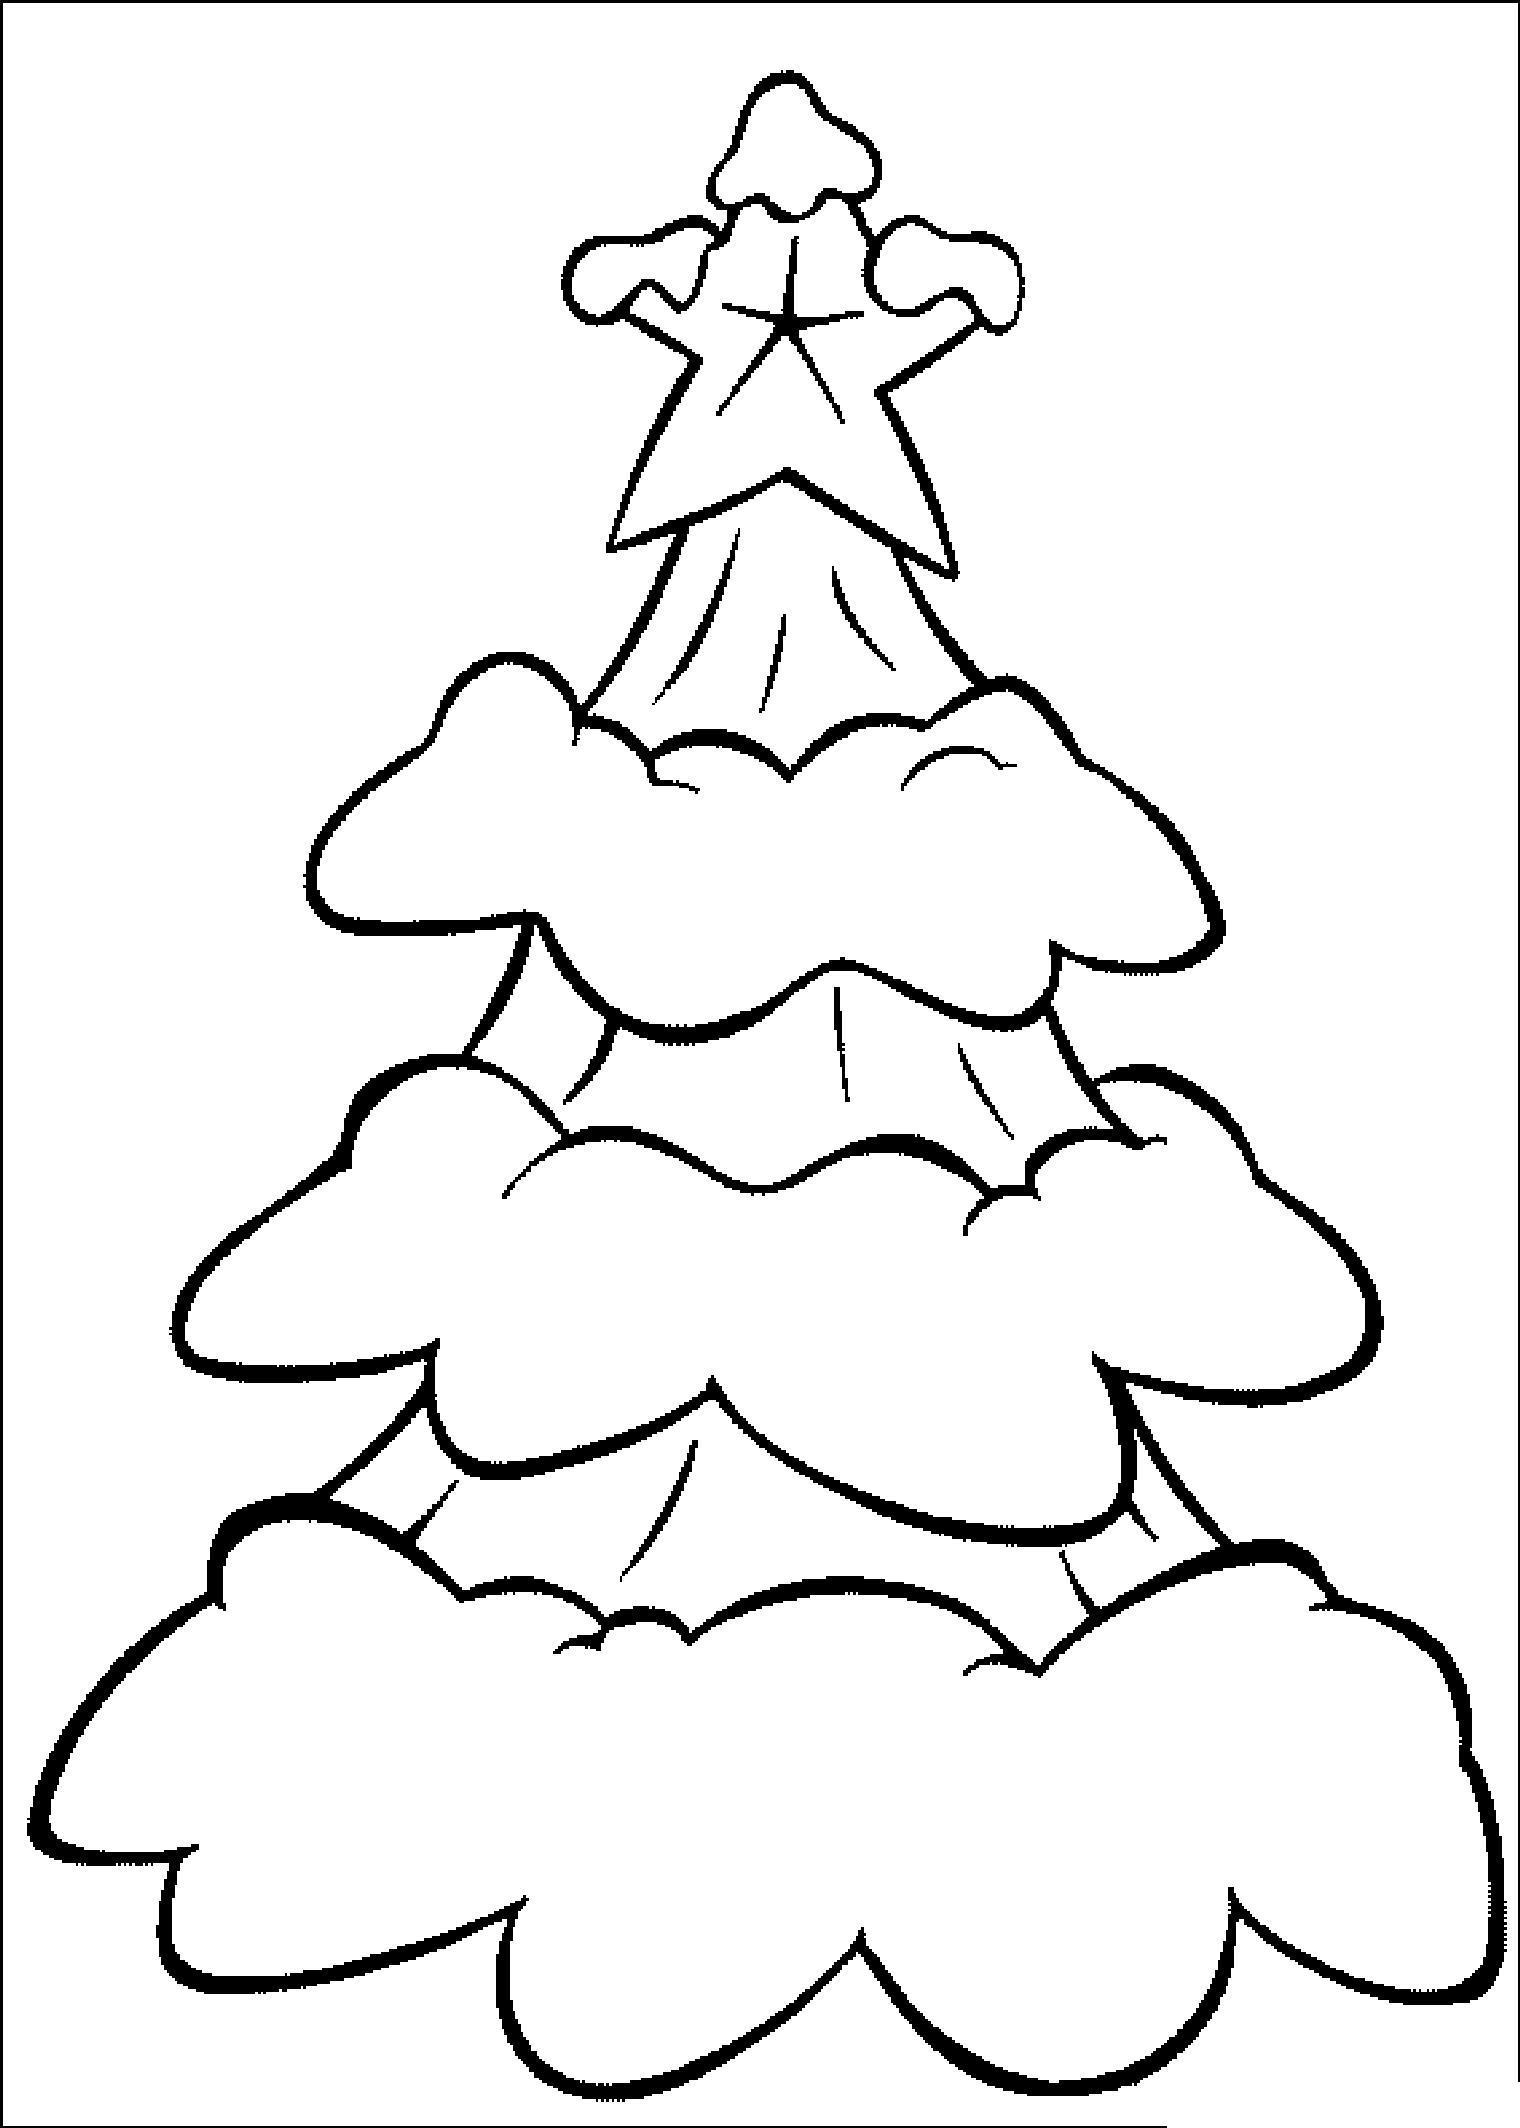 Новый год, заснеженная елочка со звездой Раскраски на тему зима